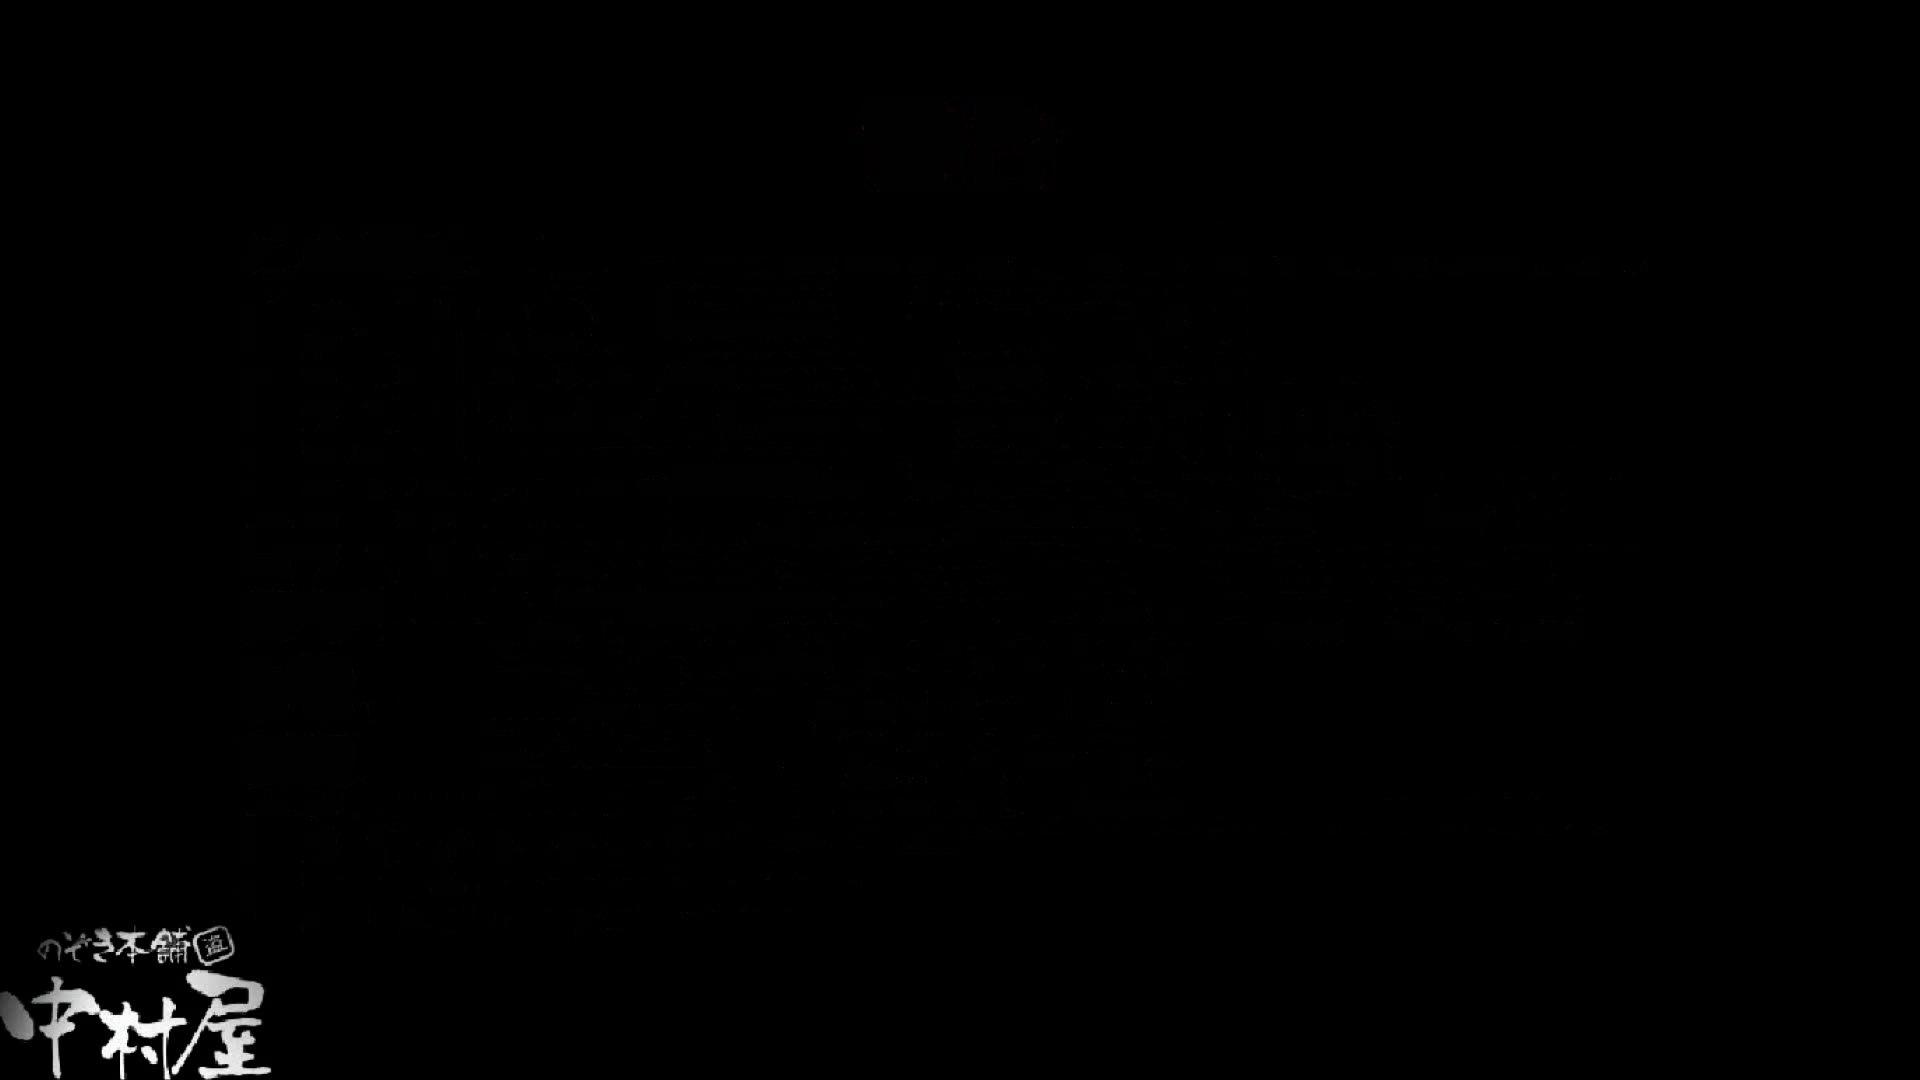 魂のかわや盗撮62連発! 綺麗な桃尻をドアップで! 19発目! 盗撮師作品 | 黄金水  79pic 27